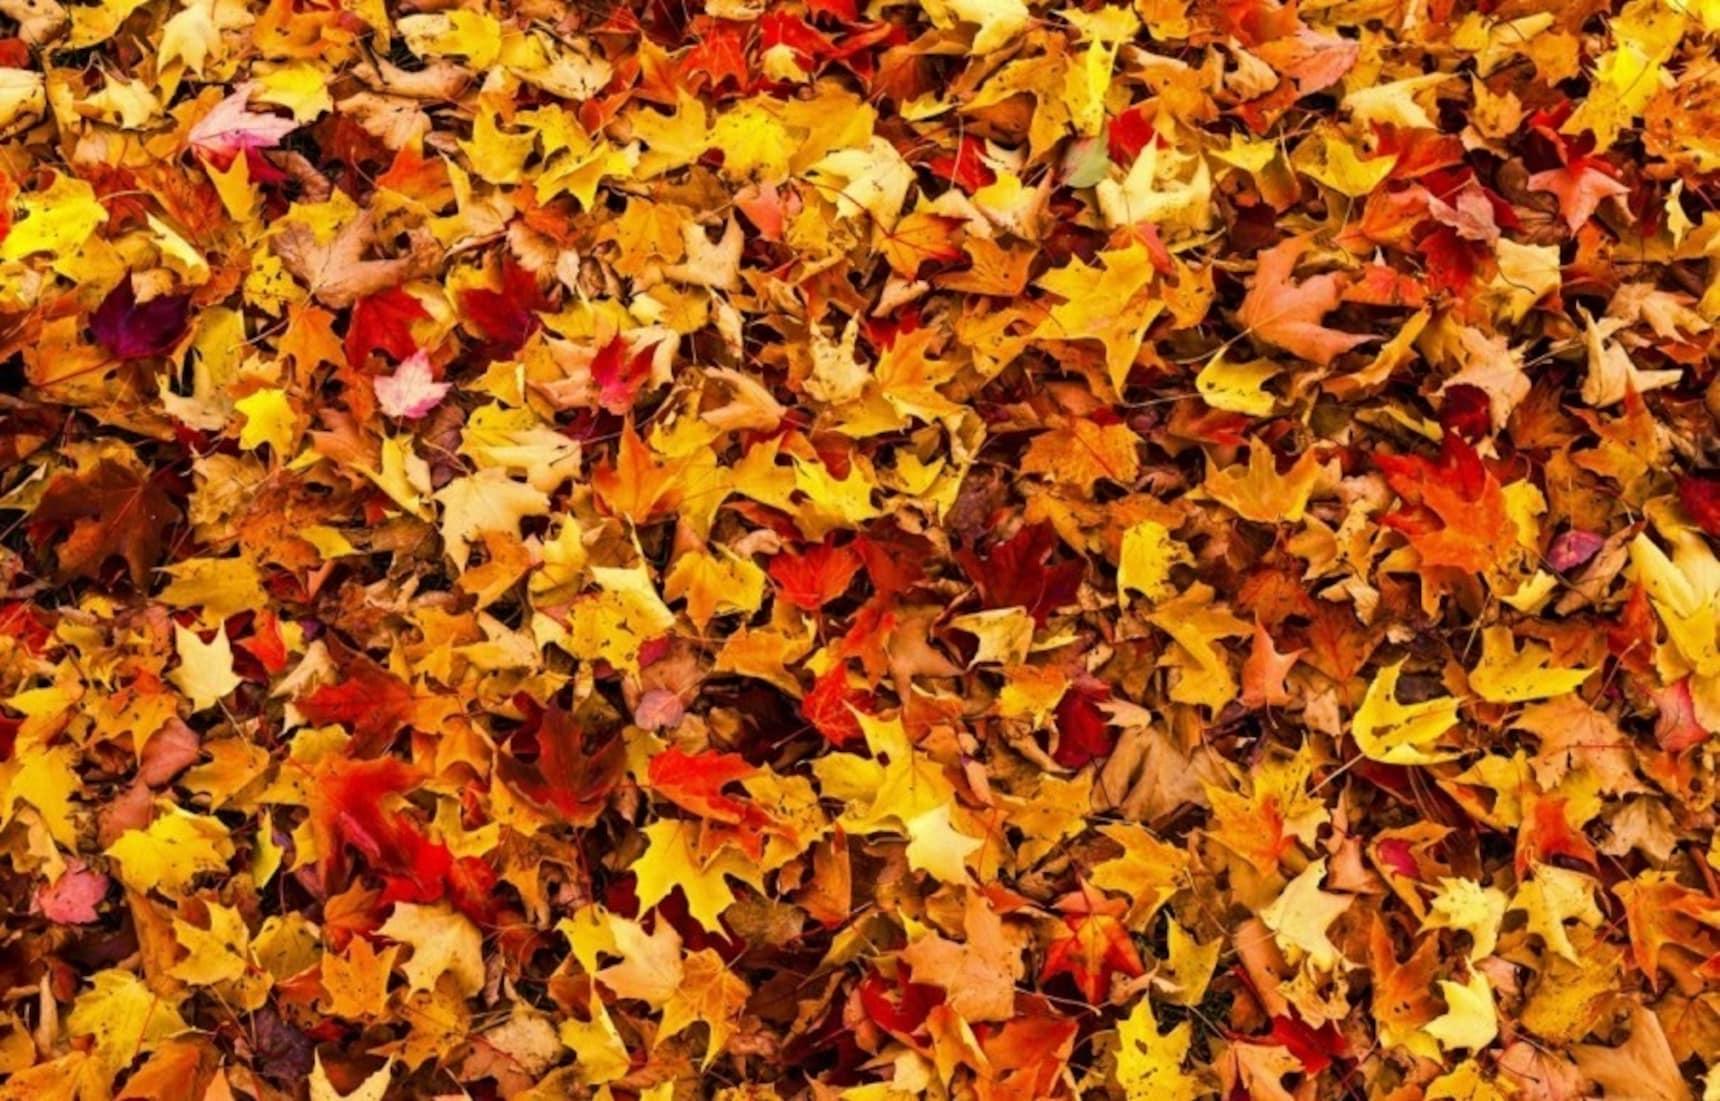 일년 내내 볼거리가 풍성한 오사카에서 즐기는 가을 풍경